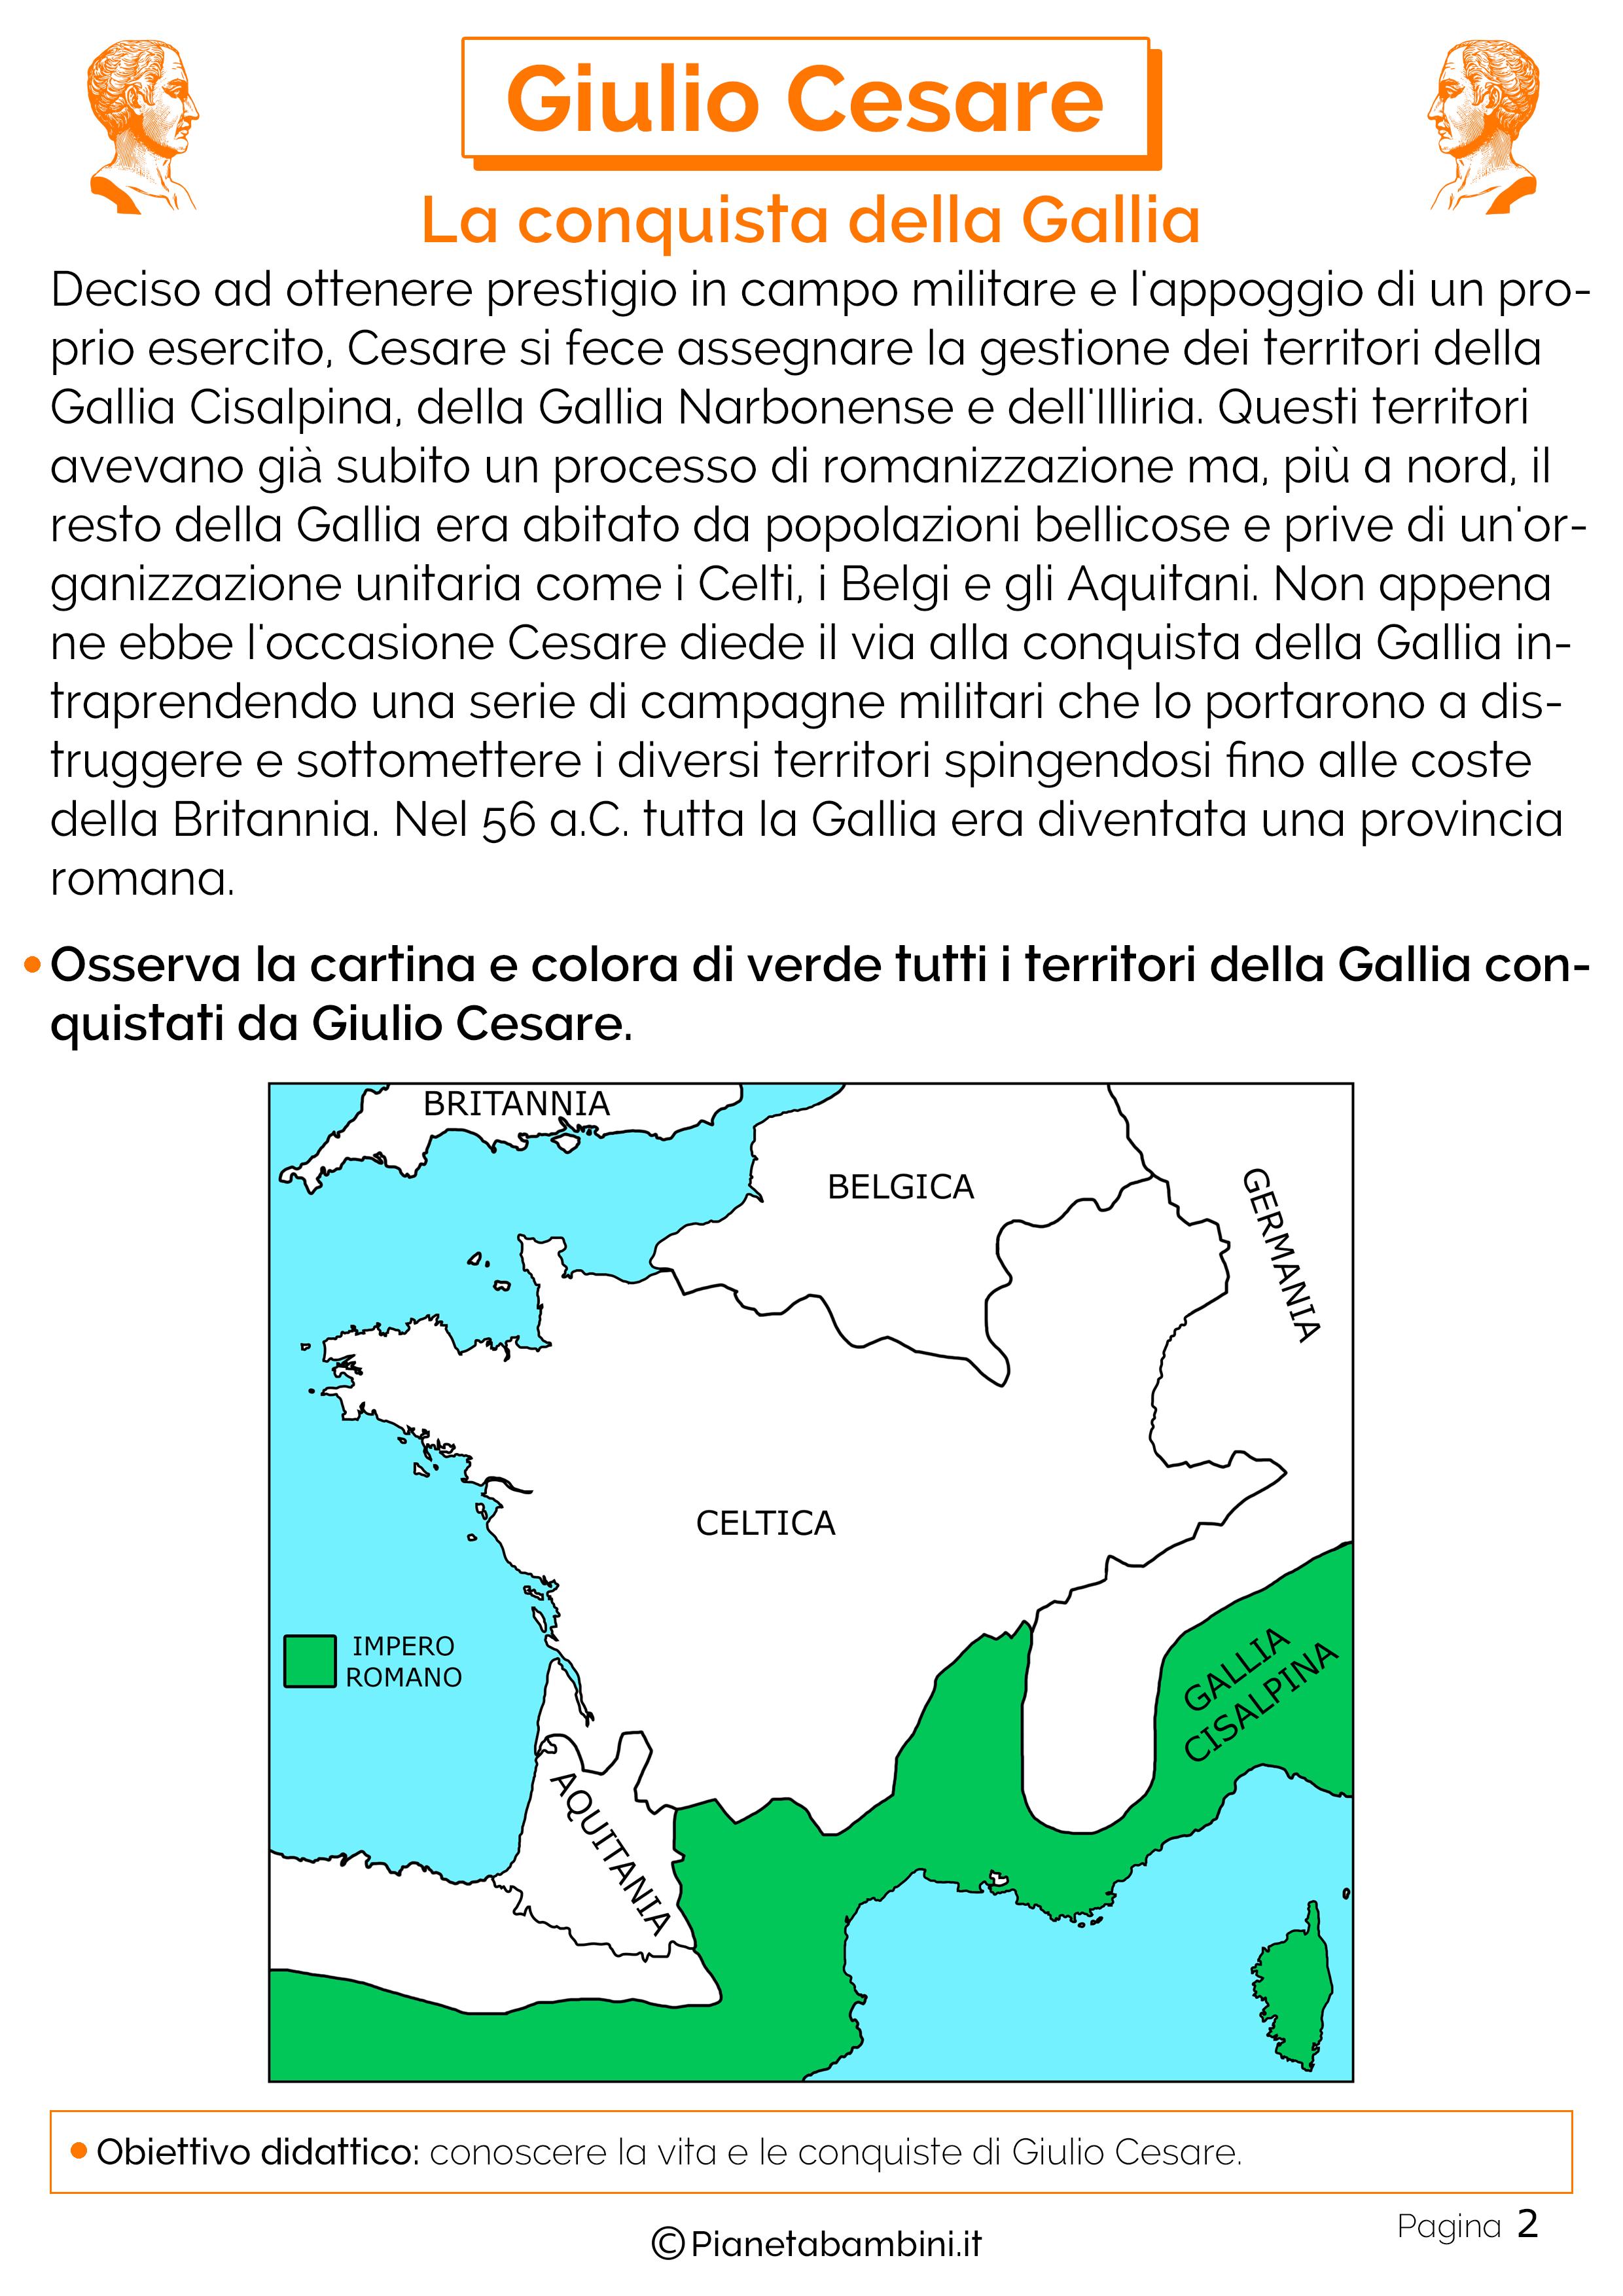 La conquista della Gallia da parte di Giulio Cesare